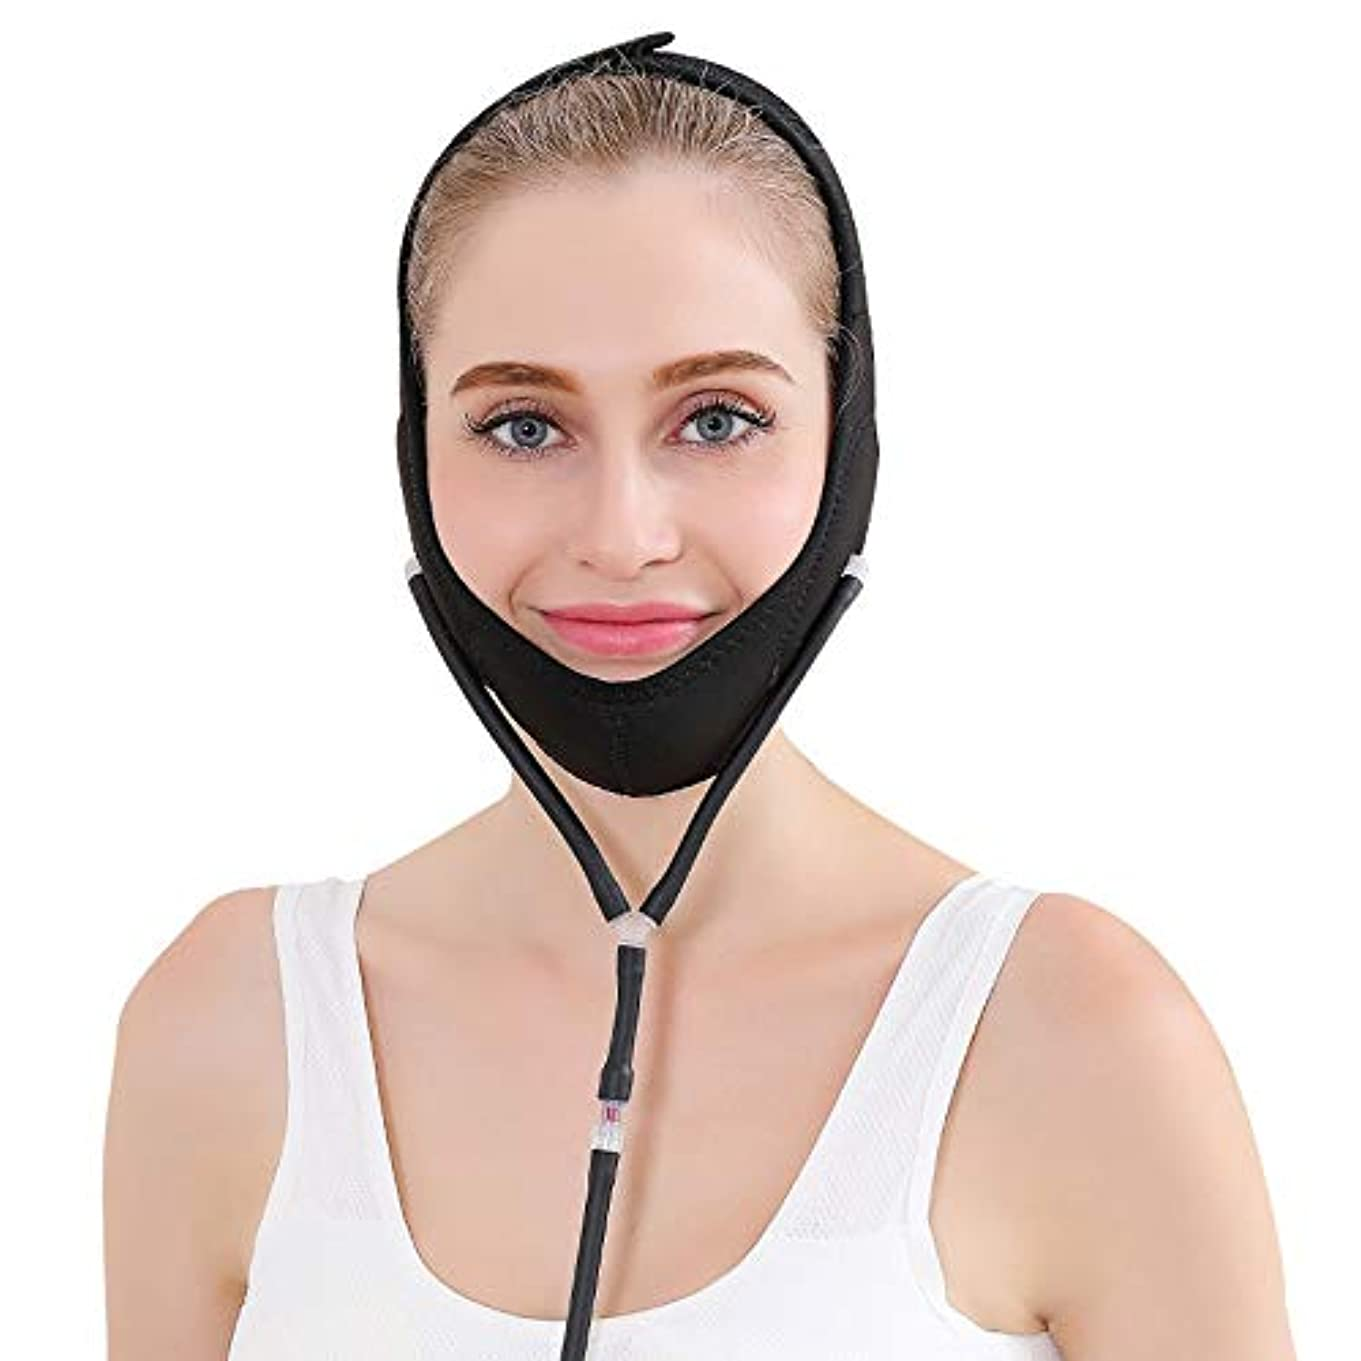 プラス位置する役割YOE(ヨイ) エアー 顔やせ マスク 小顔 ほうれい線 空気入れ エアーポンプ 顔のエクササイズ フェイスリフト レディース (フリーサイズ, ブラック)